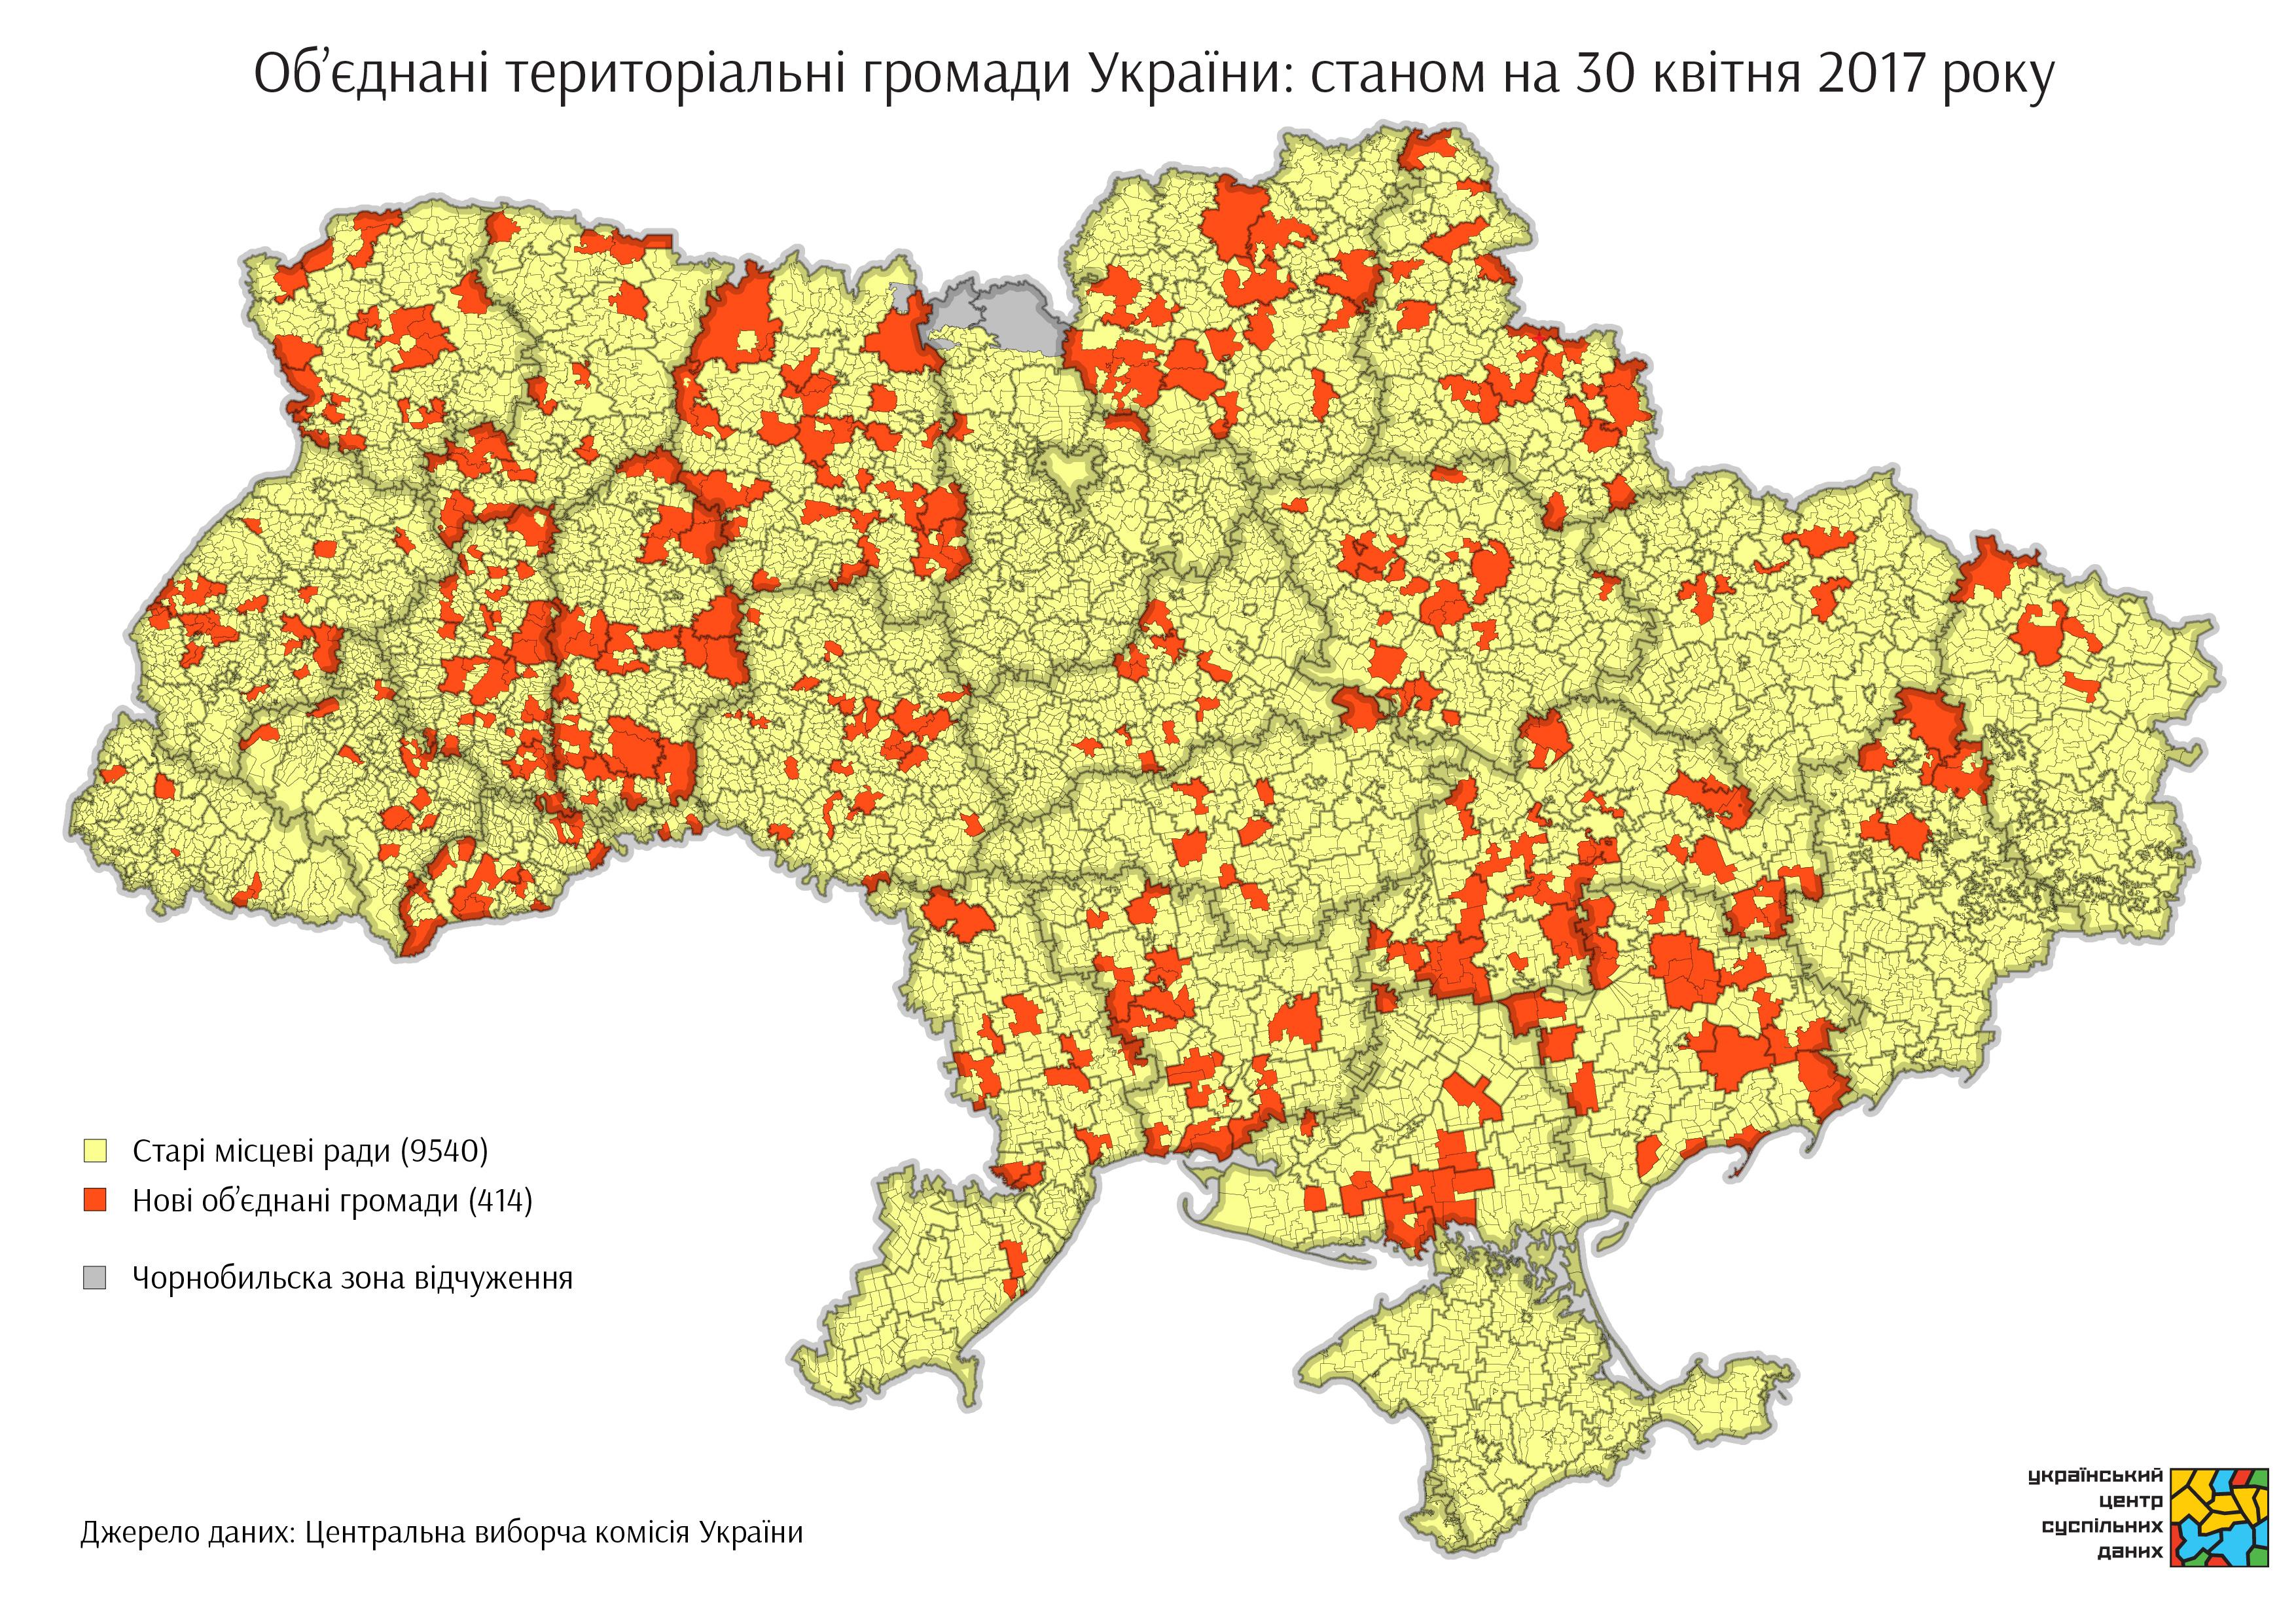 Decentralization Ukraine_new_communities_May2017-01